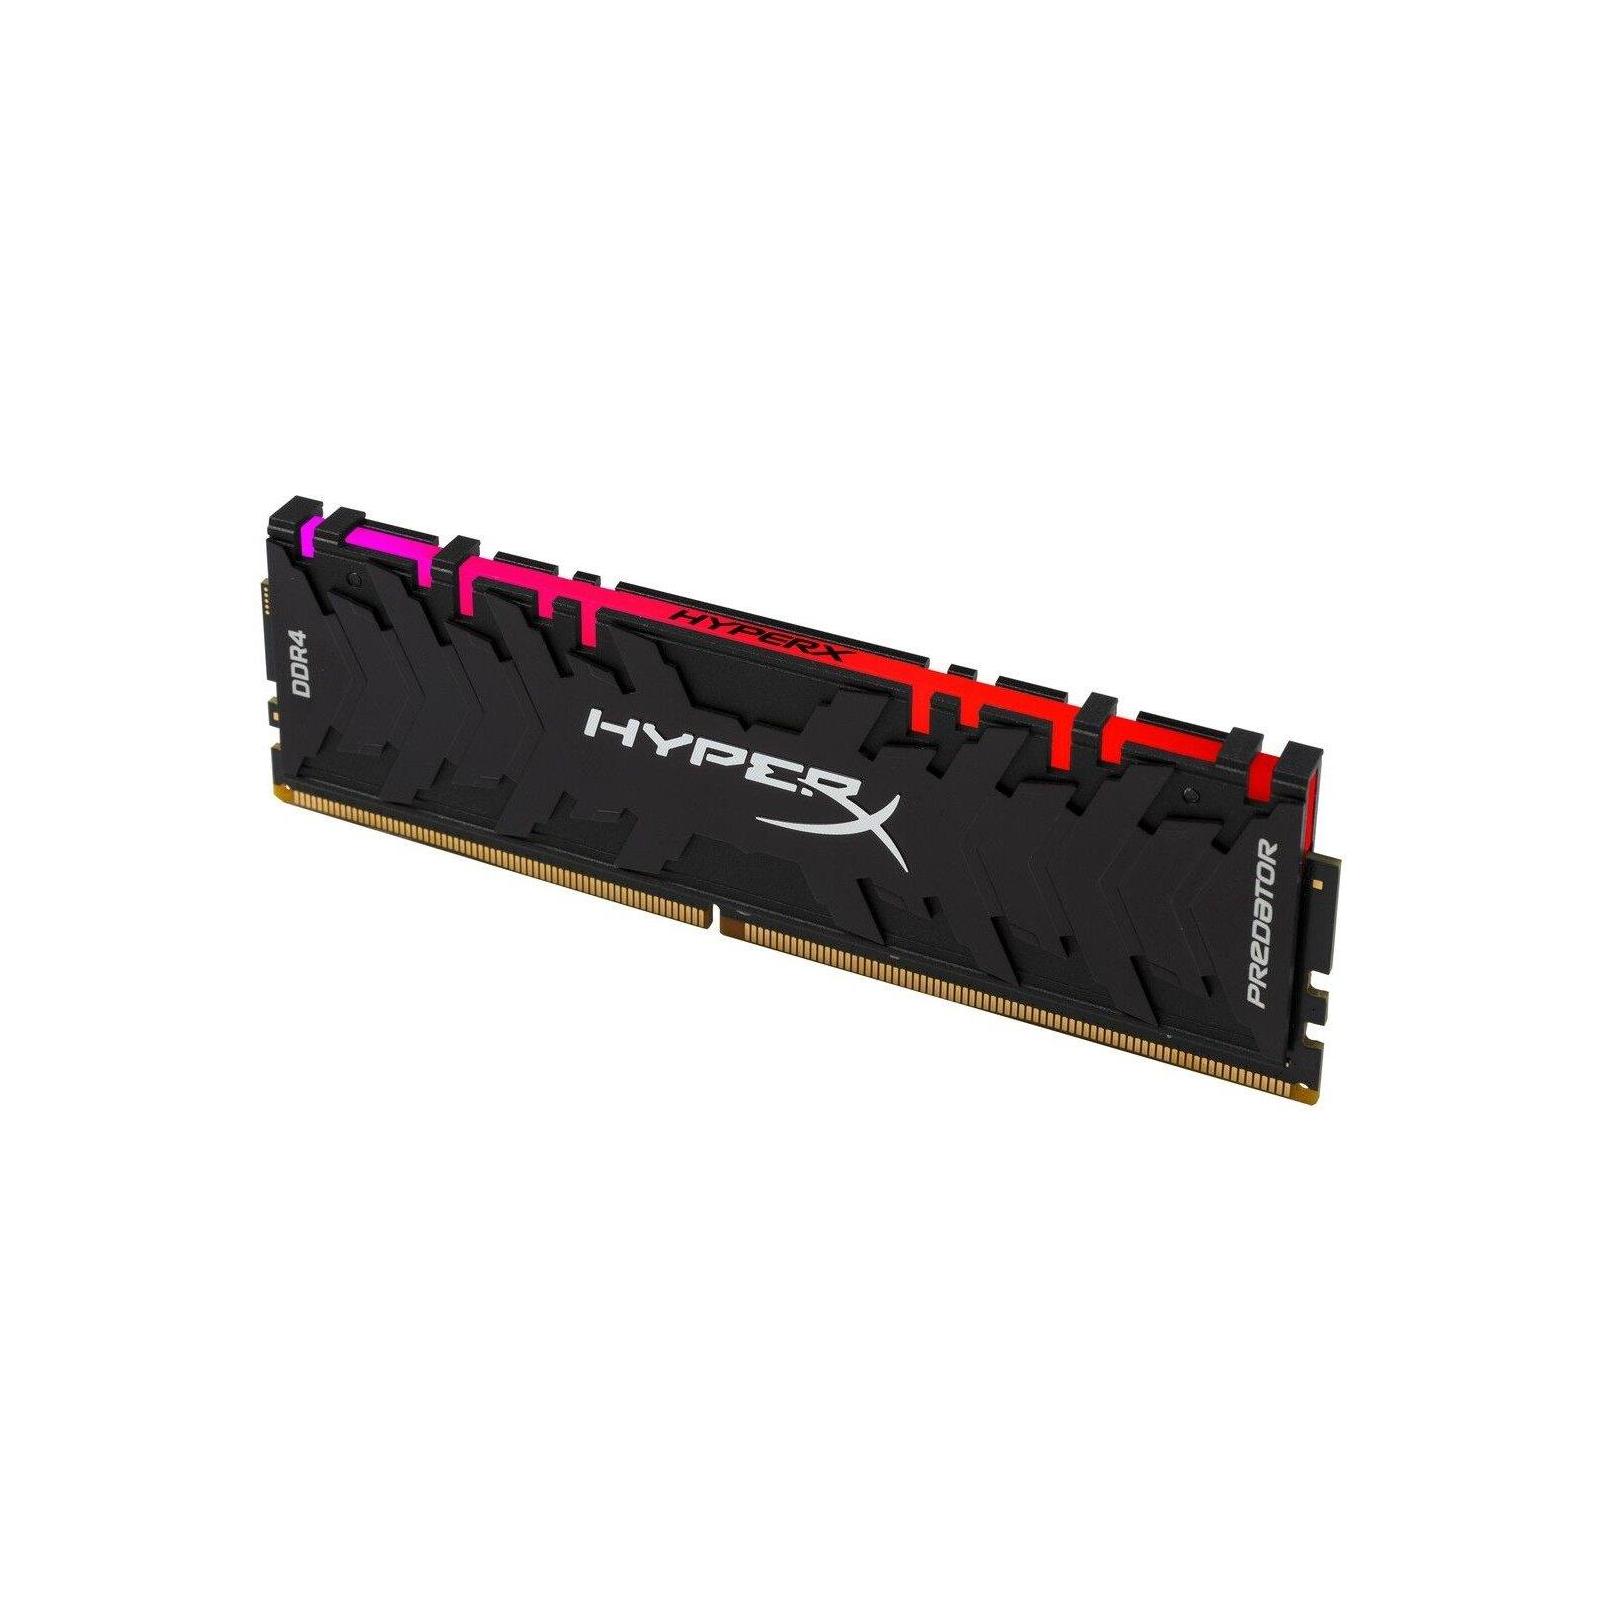 Модуль пам'яті для комп'ютера DDR4 8GB 3000 MHz HyperX Predator RGB Kingston (HX430C15PB3A/8) зображення 2